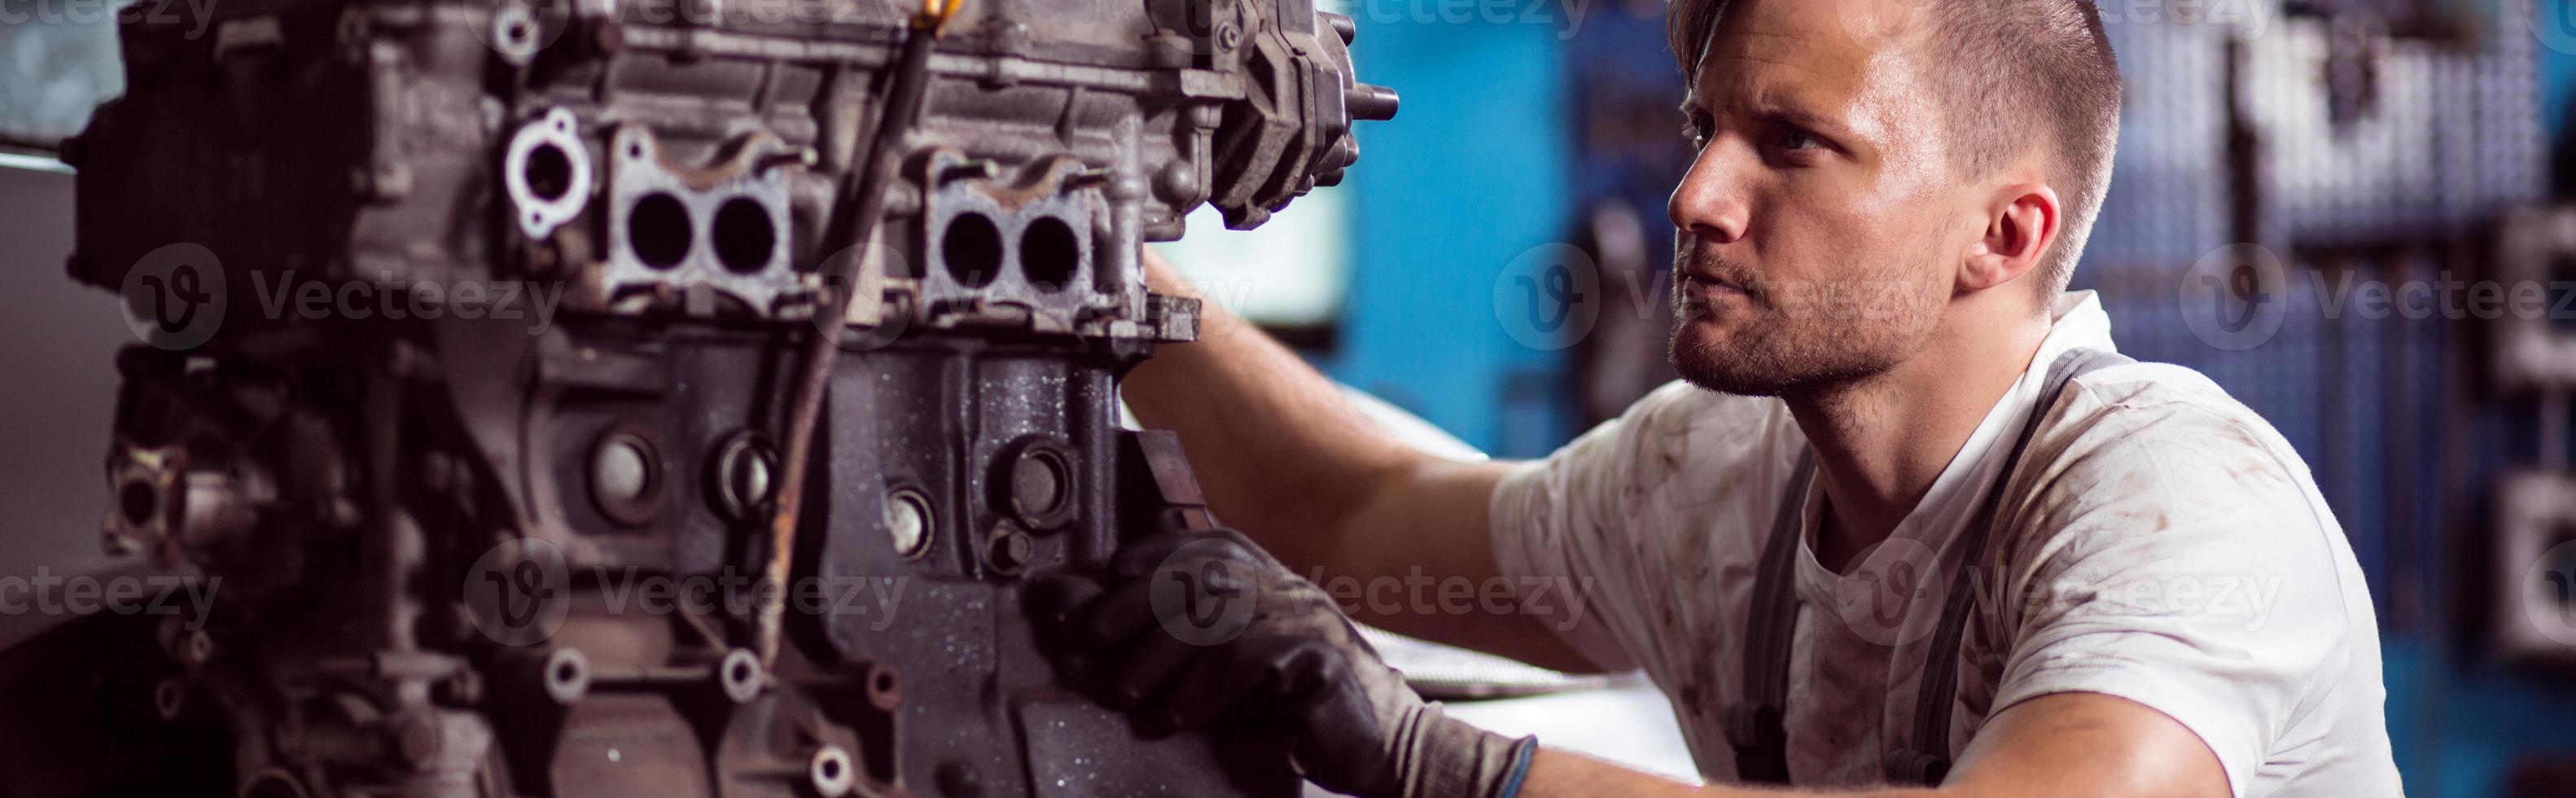 reparador de fixação do motor do carro foto